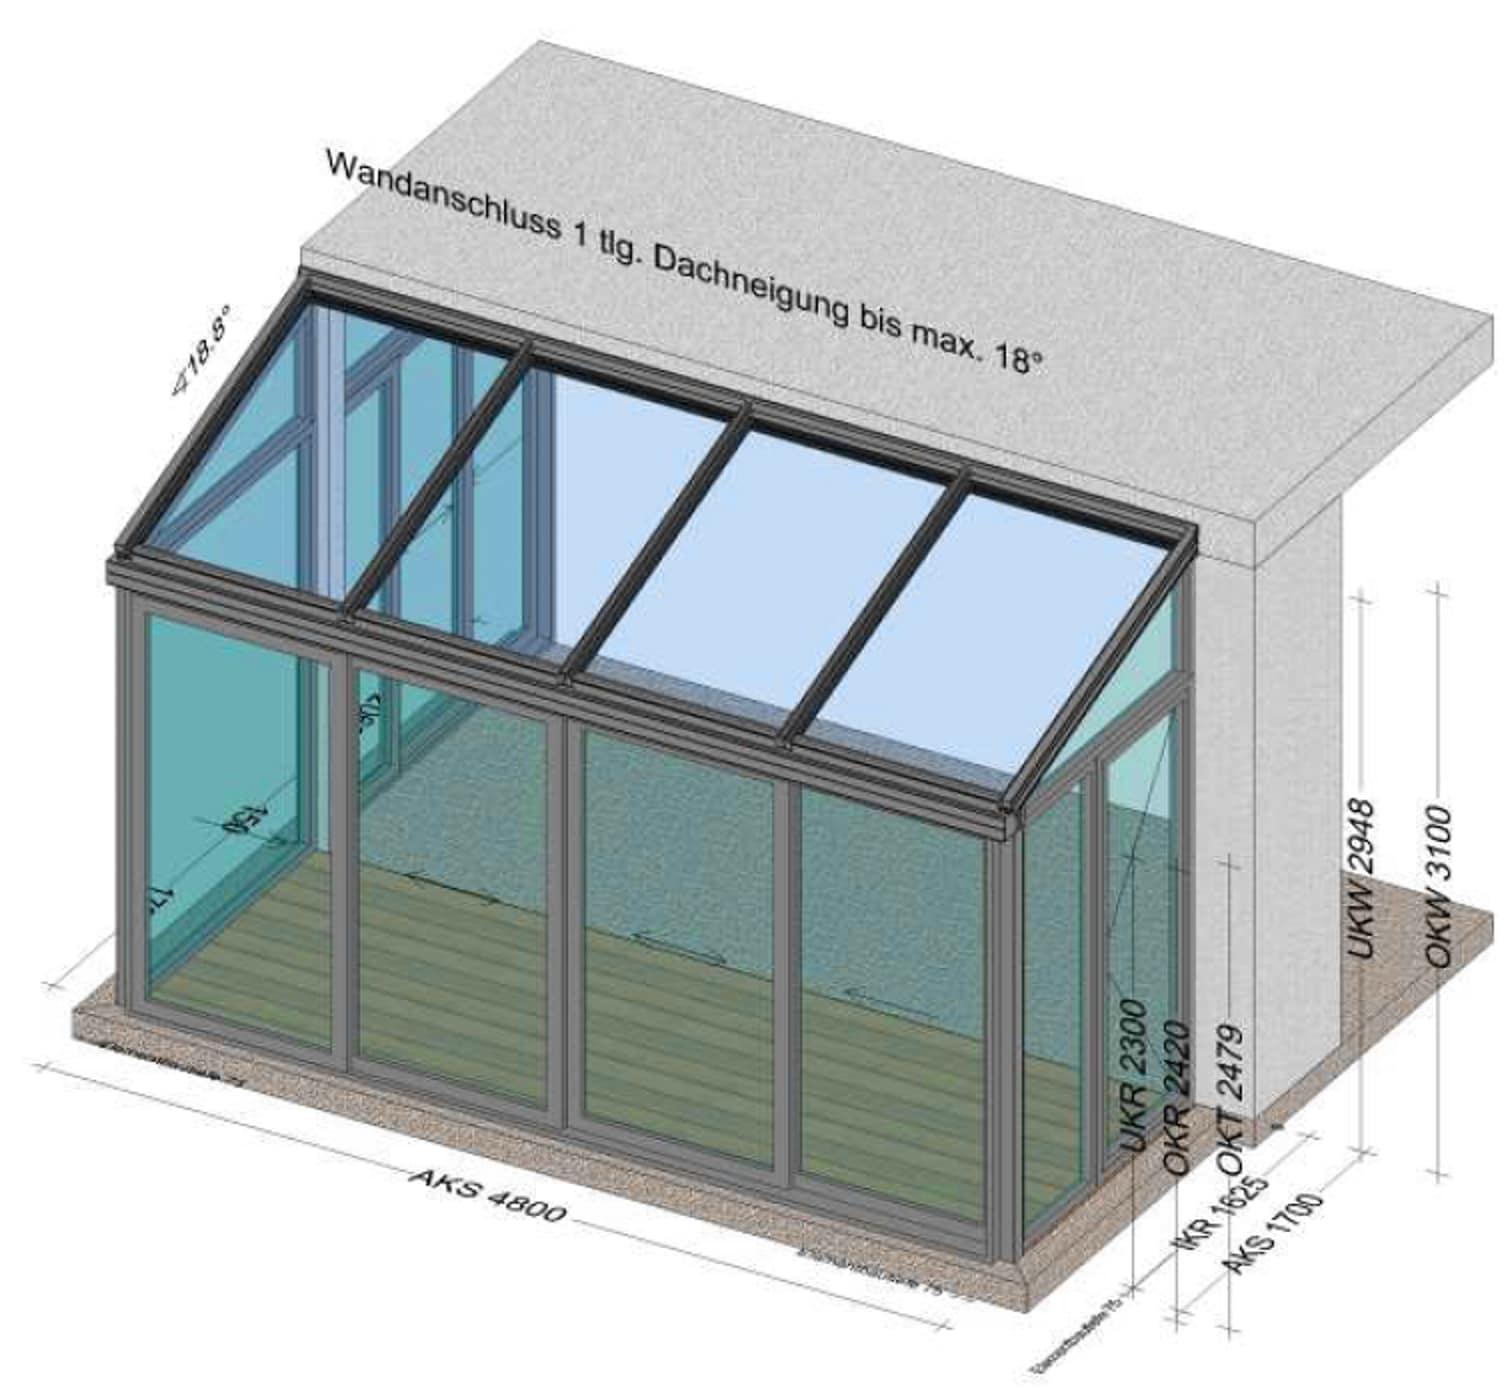 Wintergarten mittelwarm mit modernen Schiebetüren - Planung BV Linz-Land